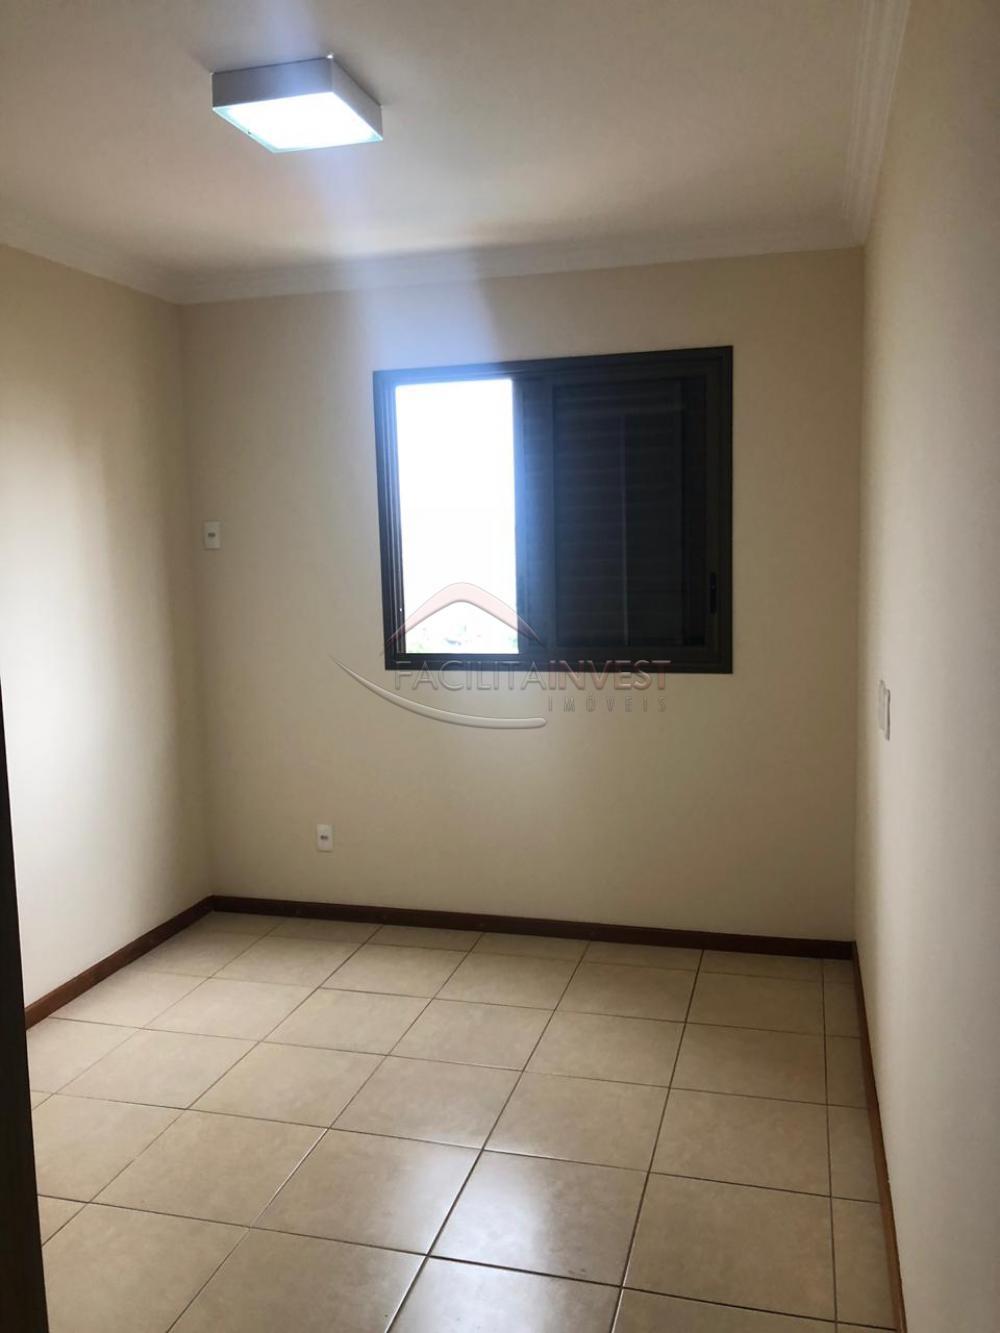 Alugar Apartamentos / Apart. Padrão em Ribeirão Preto apenas R$ 2.200,00 - Foto 12